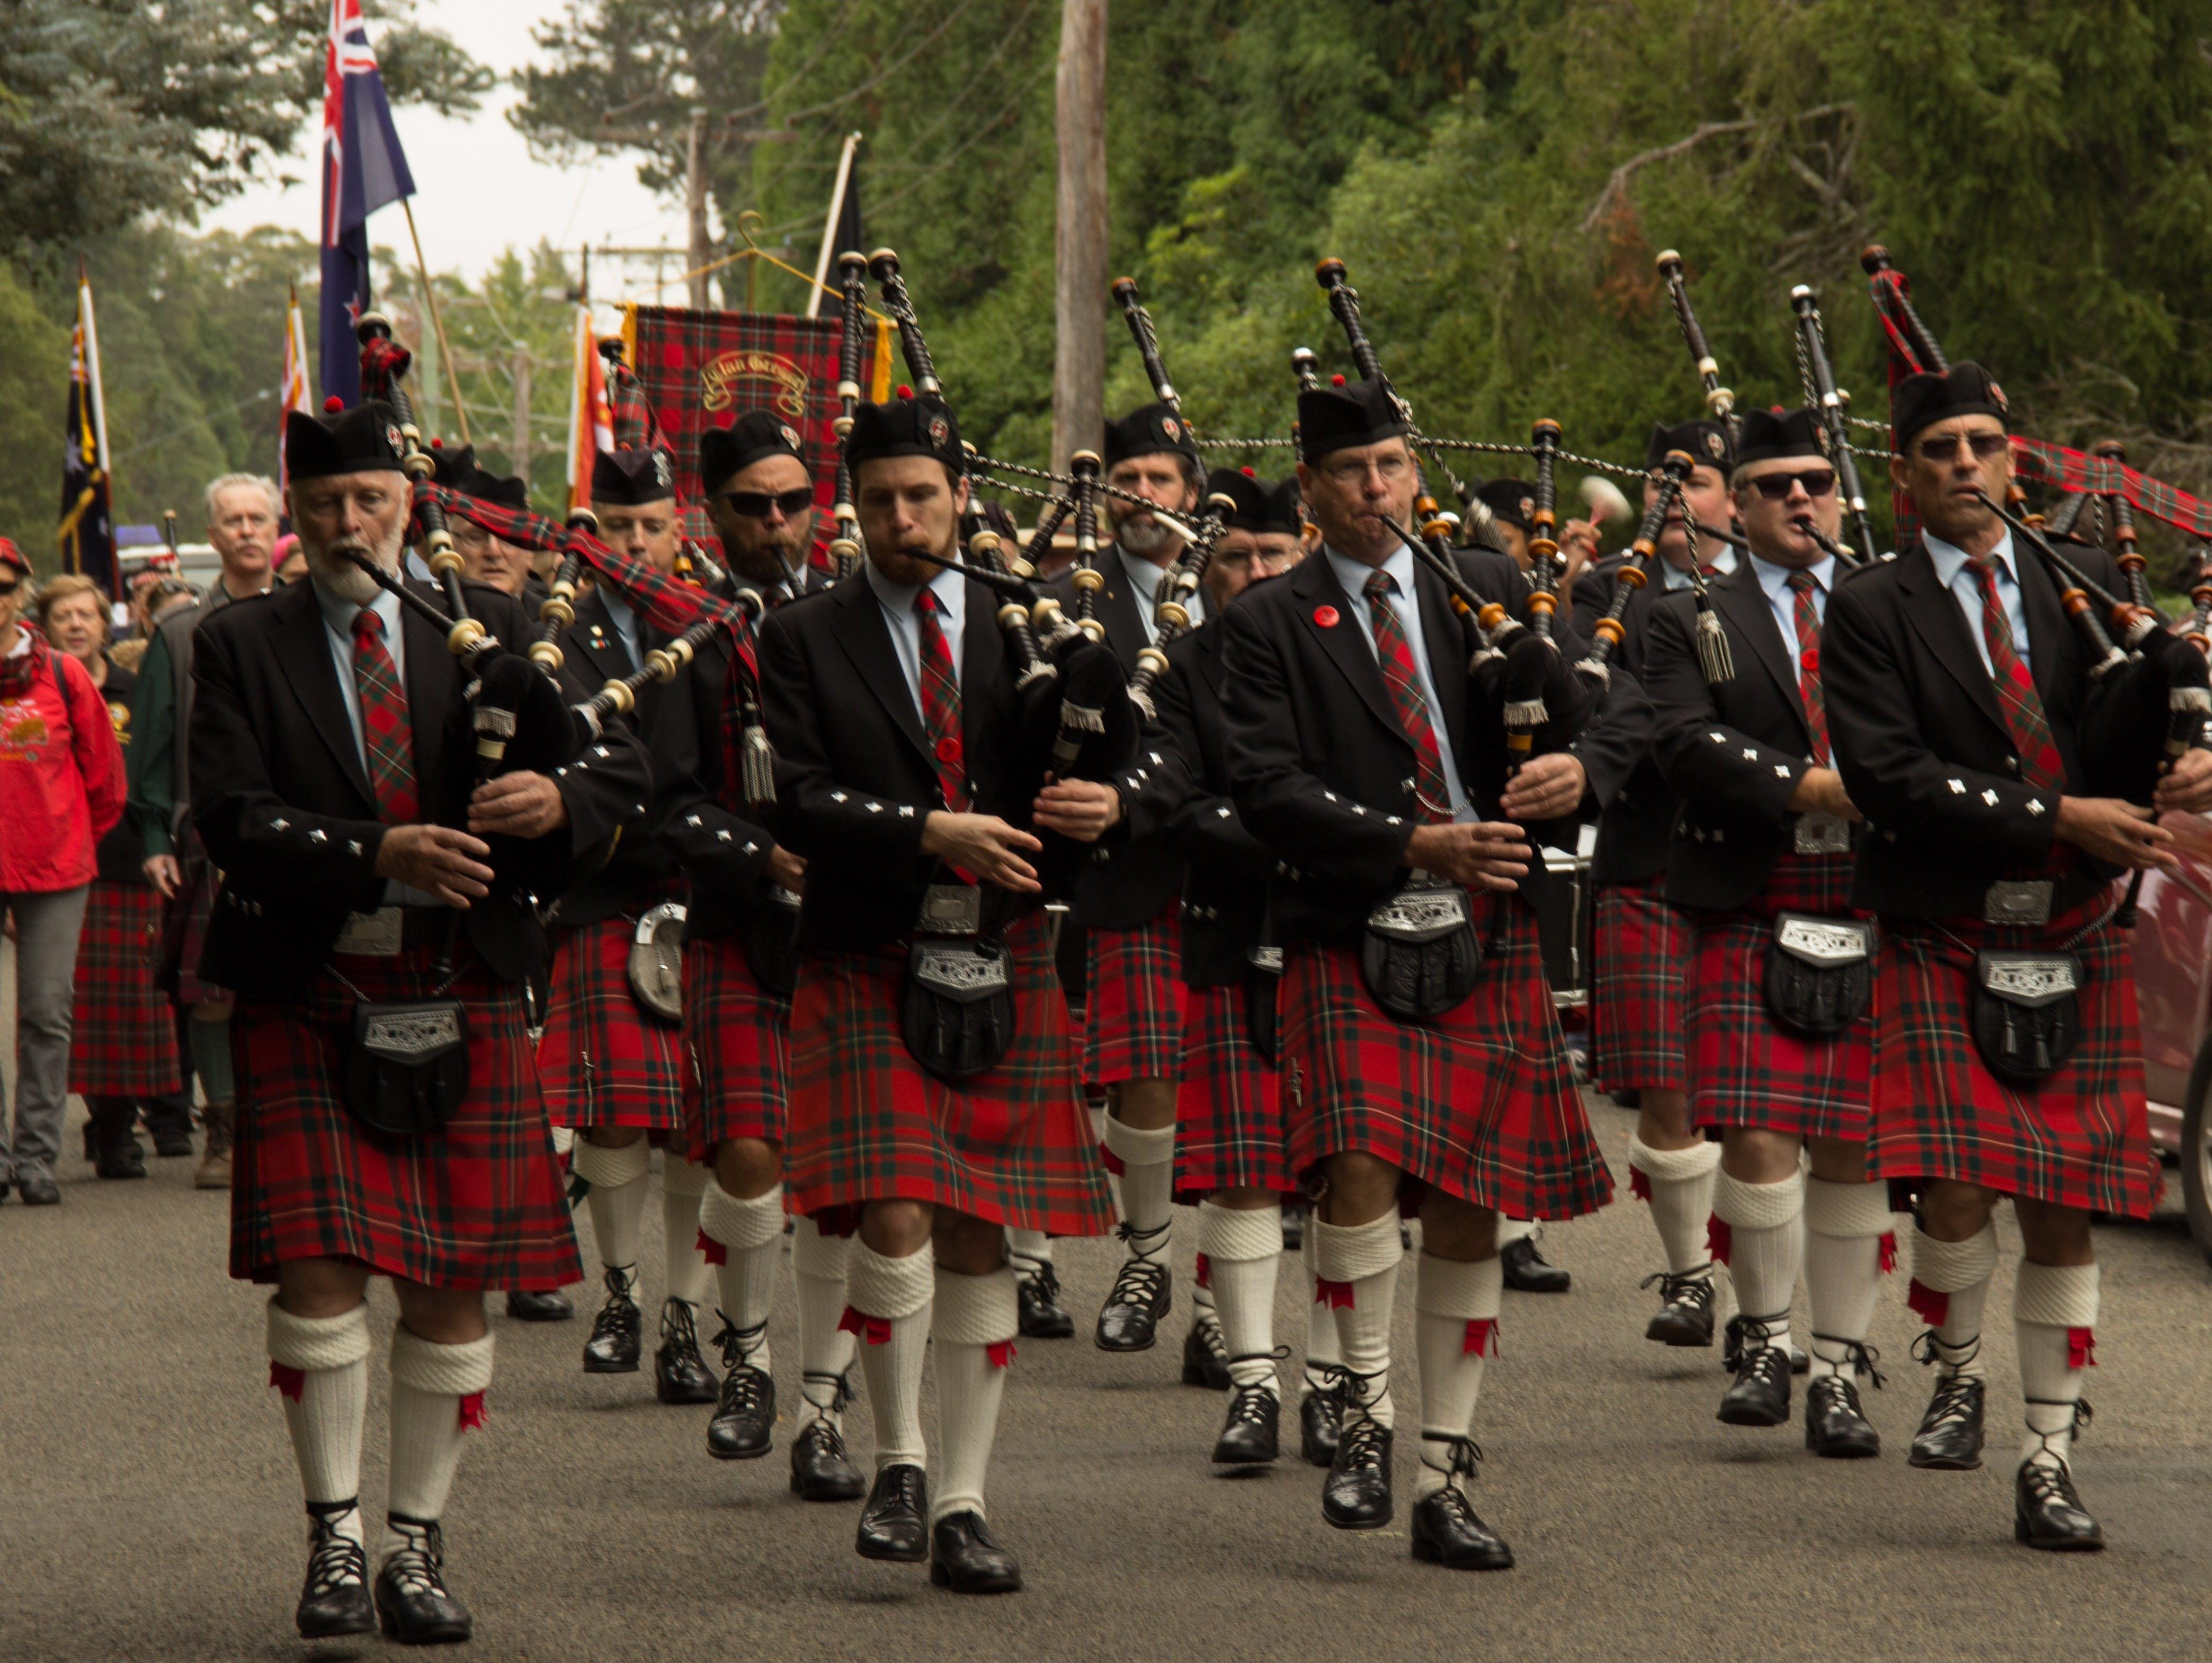 Street Parade Band